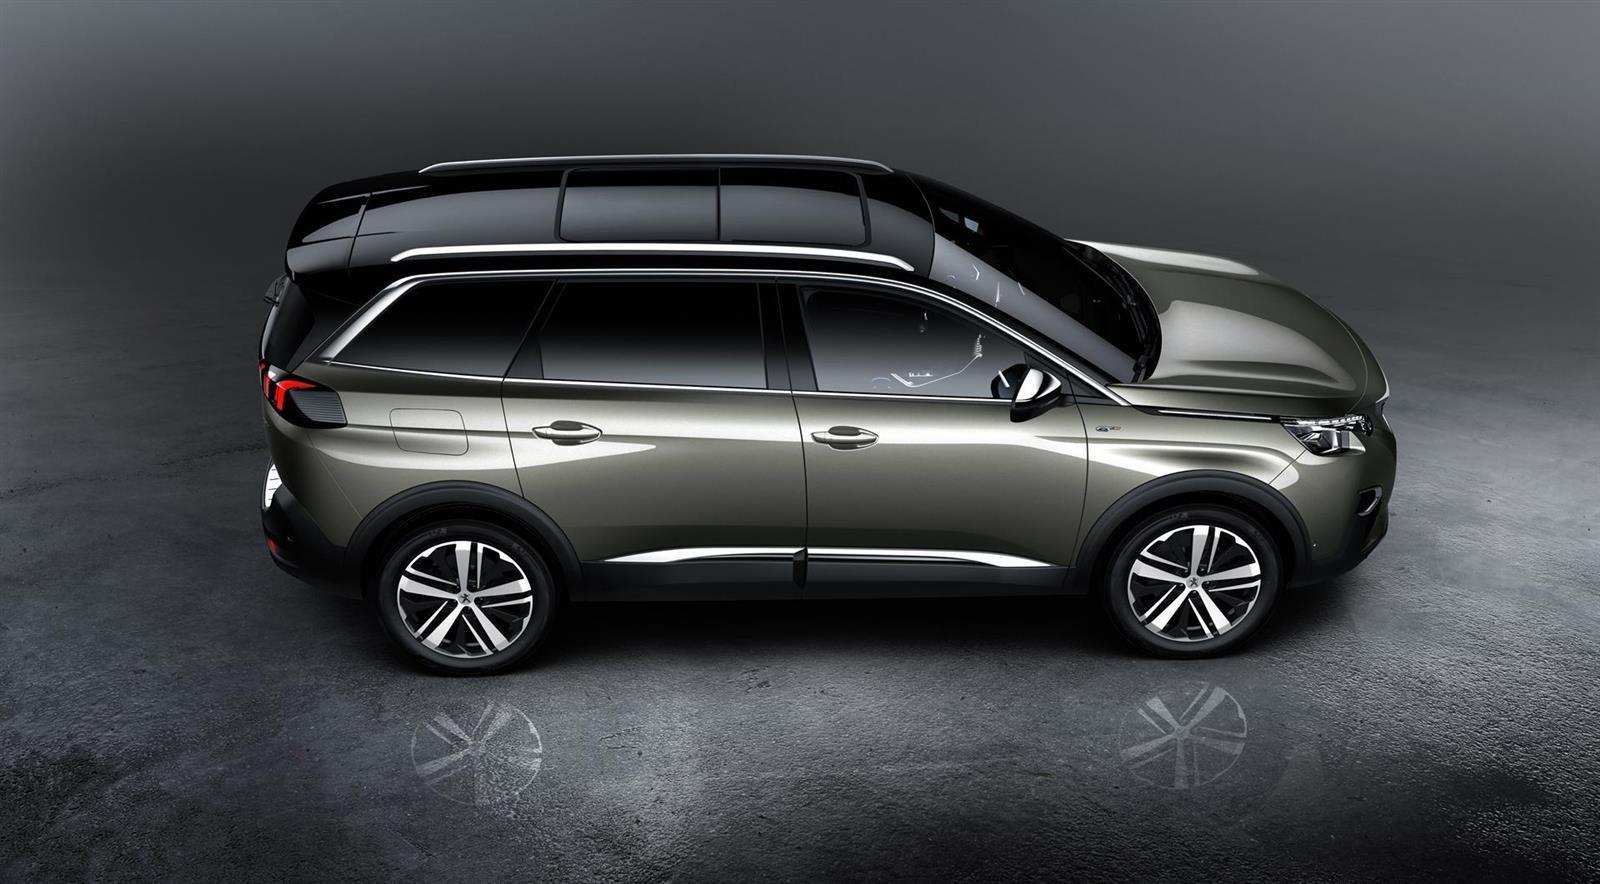 2016 Peugeot 5008 Image. https://www.conceptcarz.com ...